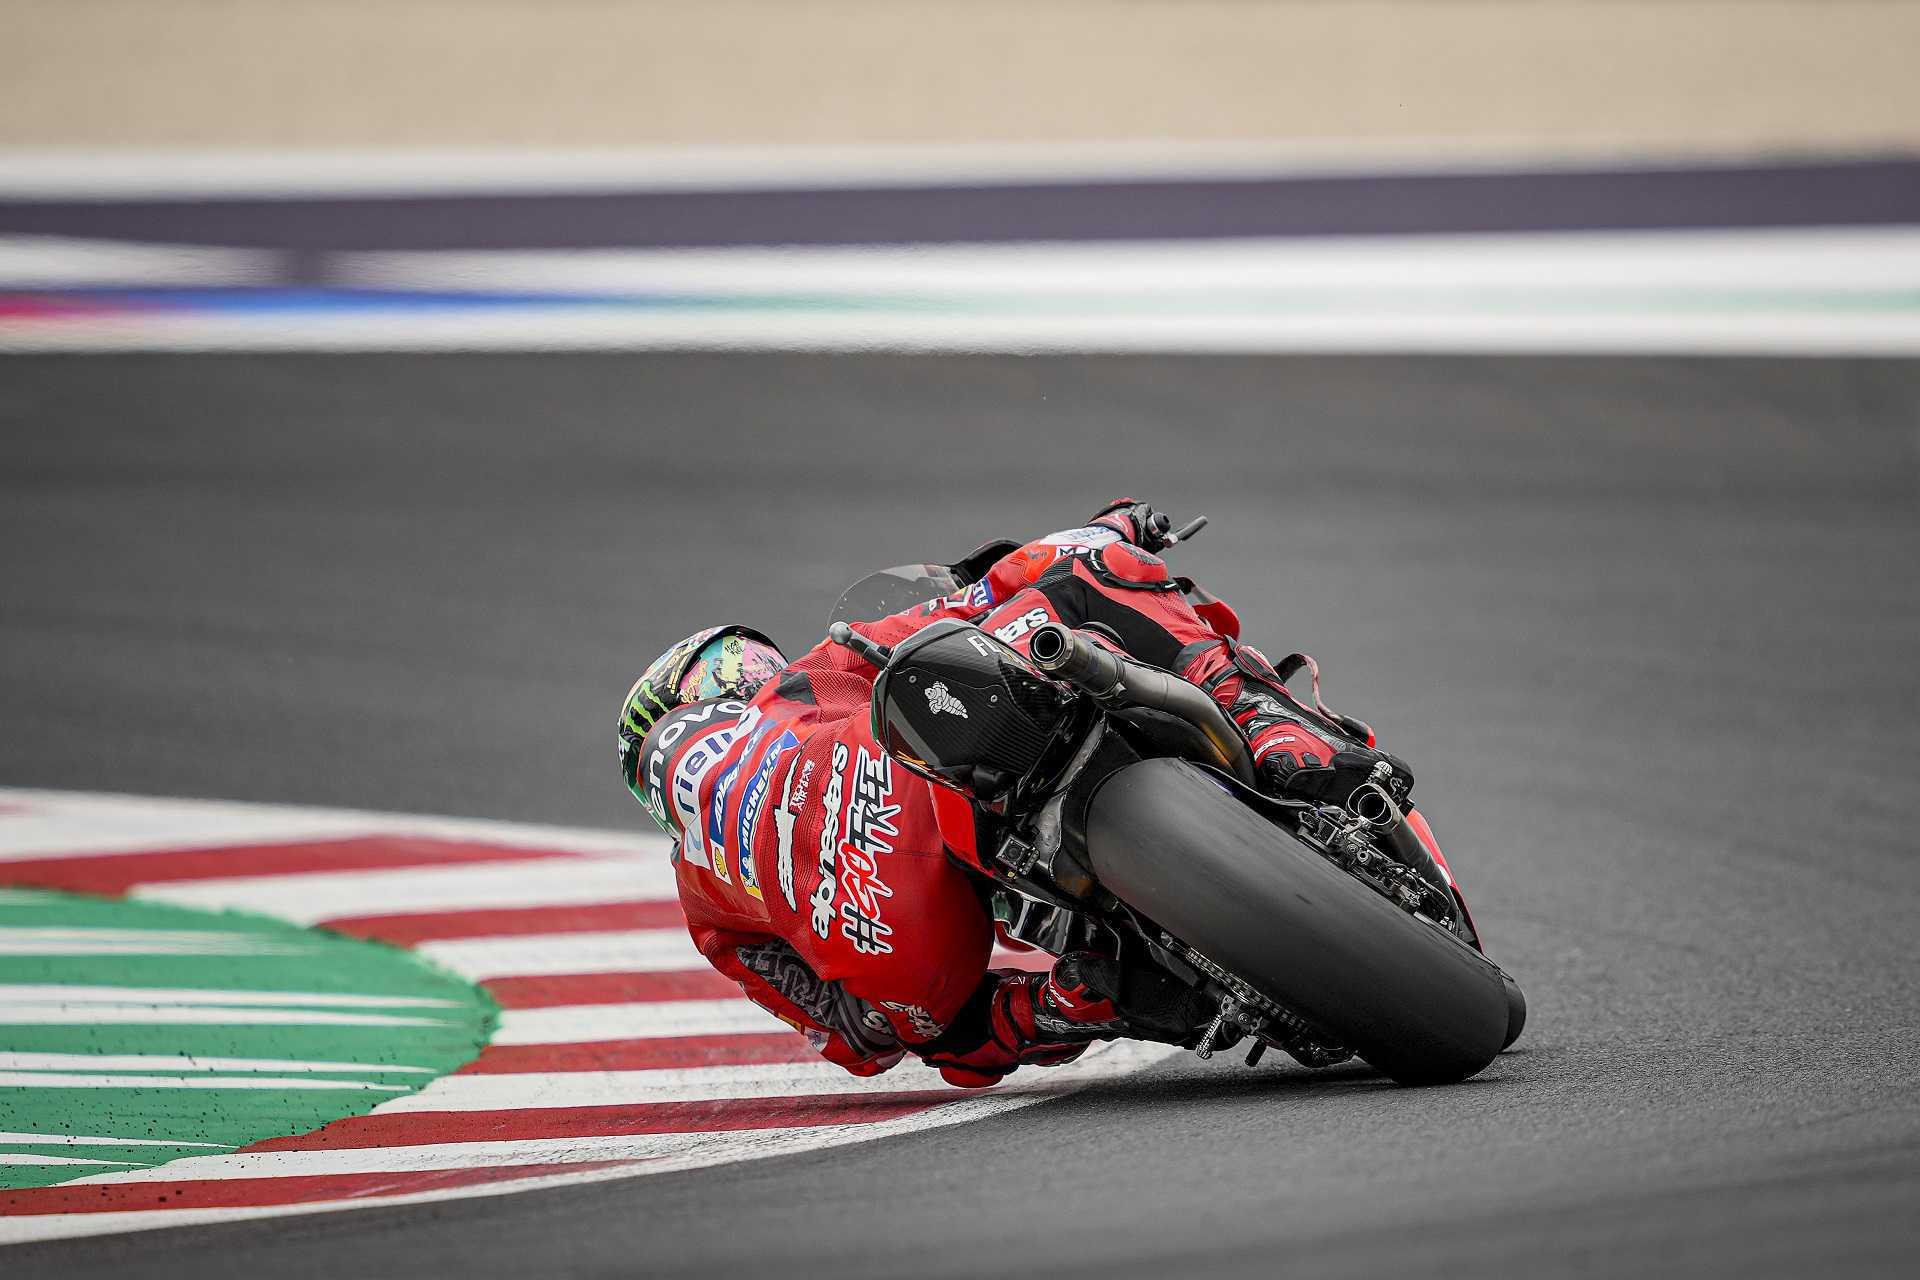 Eμφατική νίκη Bagnaia με Ducati στο Σαν Μαρίνο